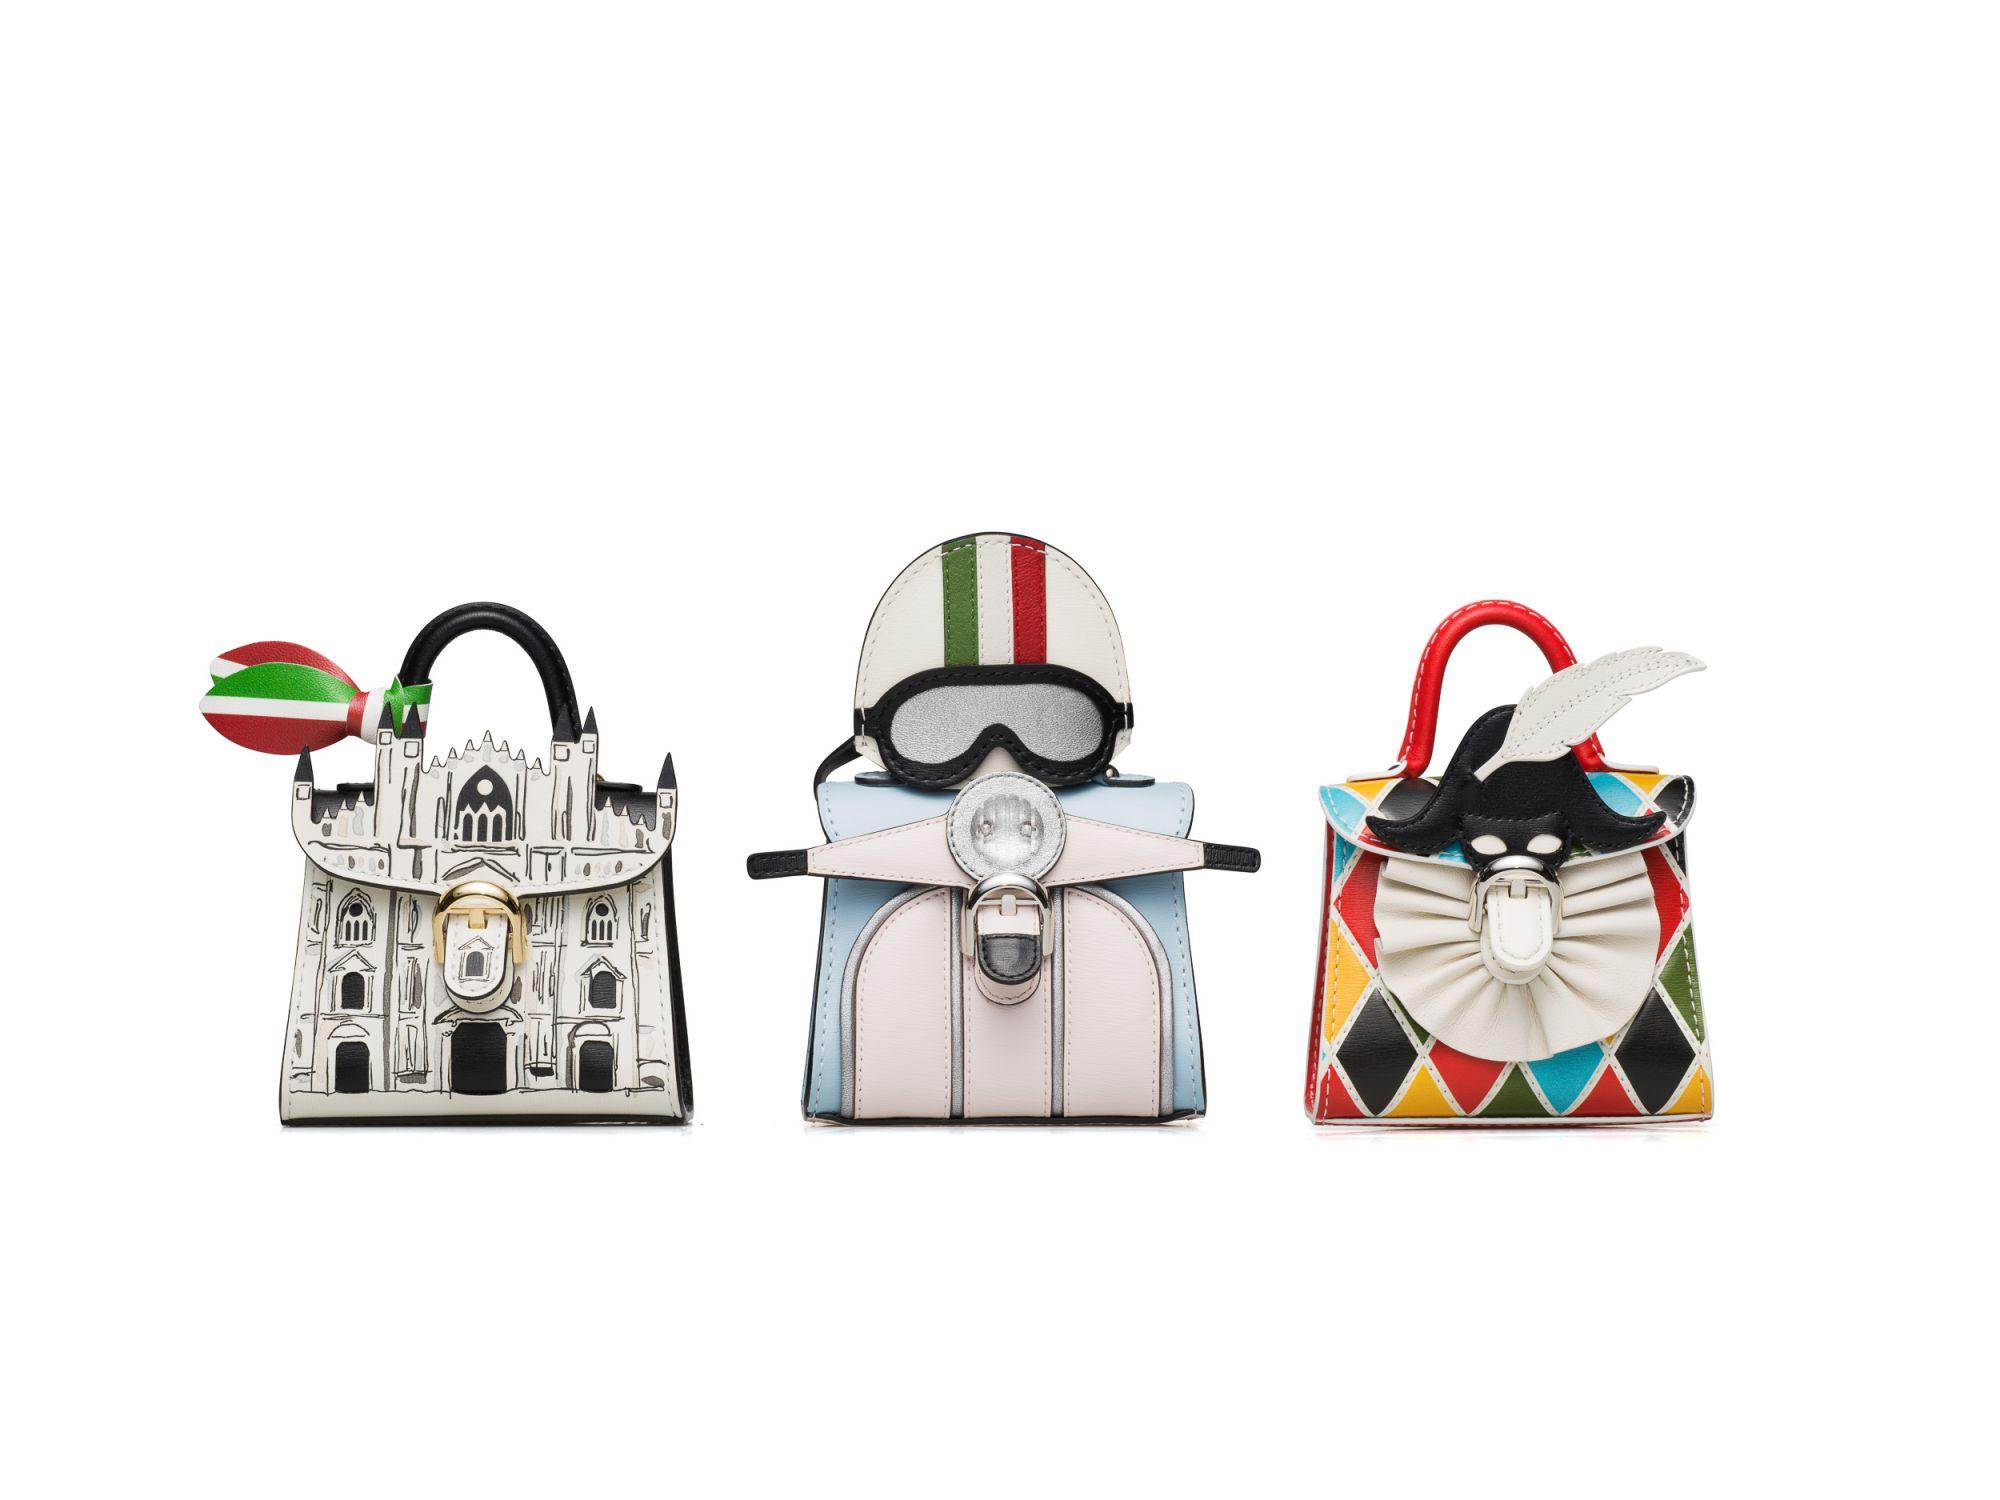 時尚圈瘋「迷你包」!但你的迷你包夠精緻嗎?蕾哈娜也瘋狂的百年比利時皇家御用品牌小包